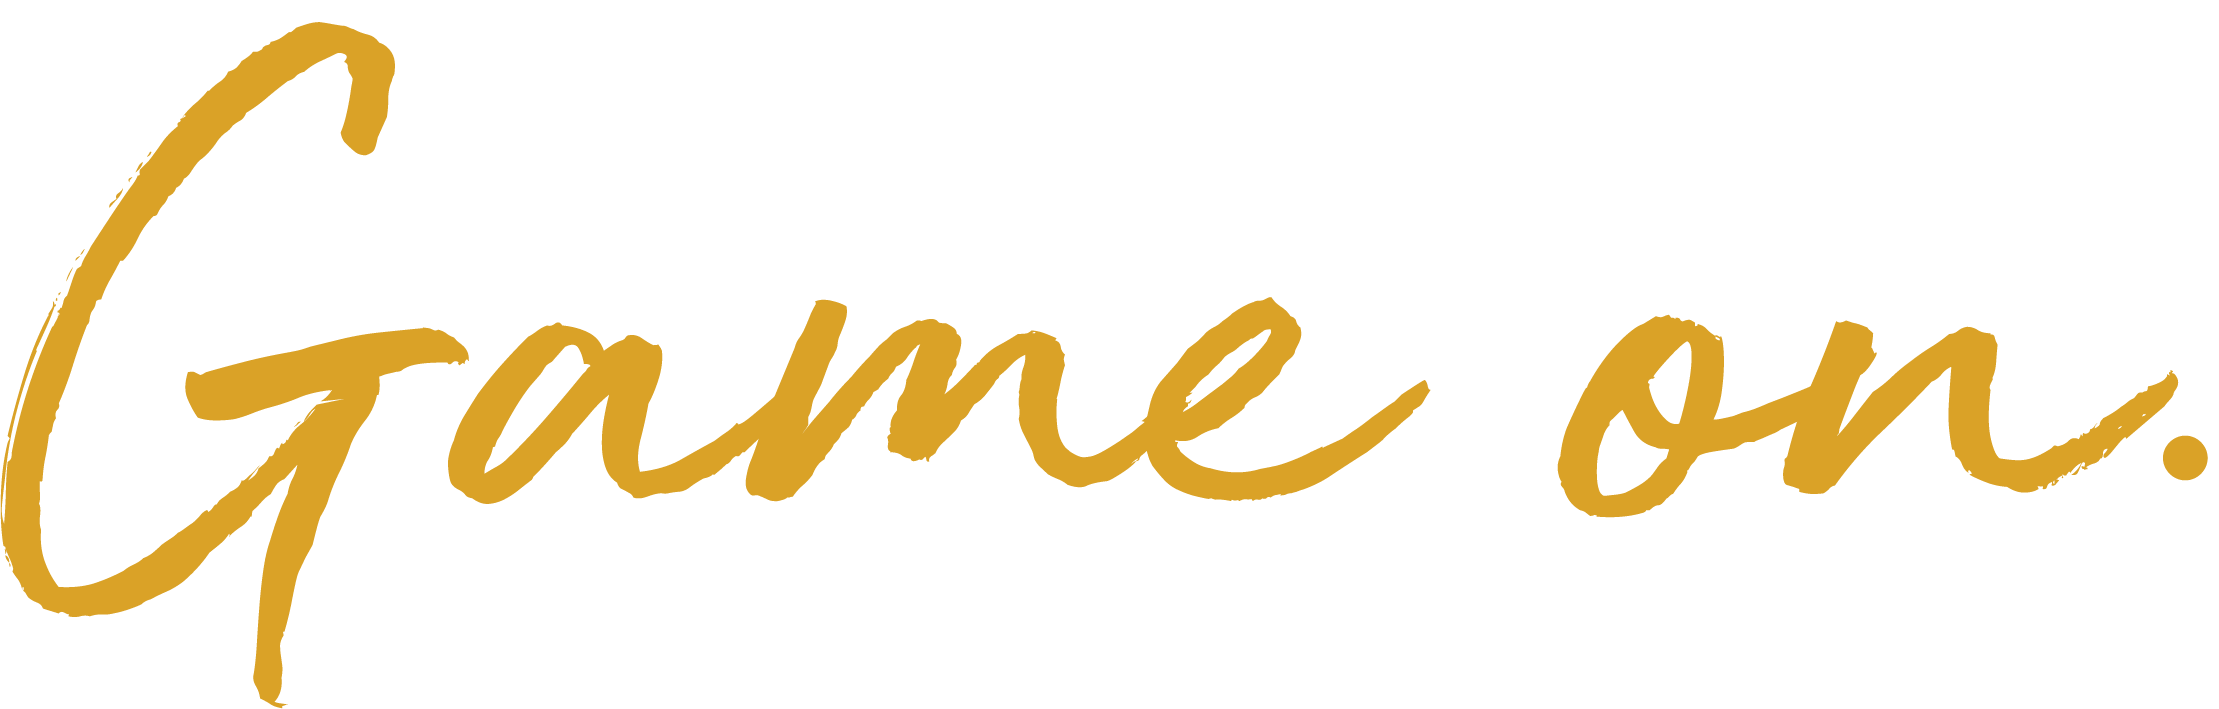 GT_Logo_TaglineStackedReversed